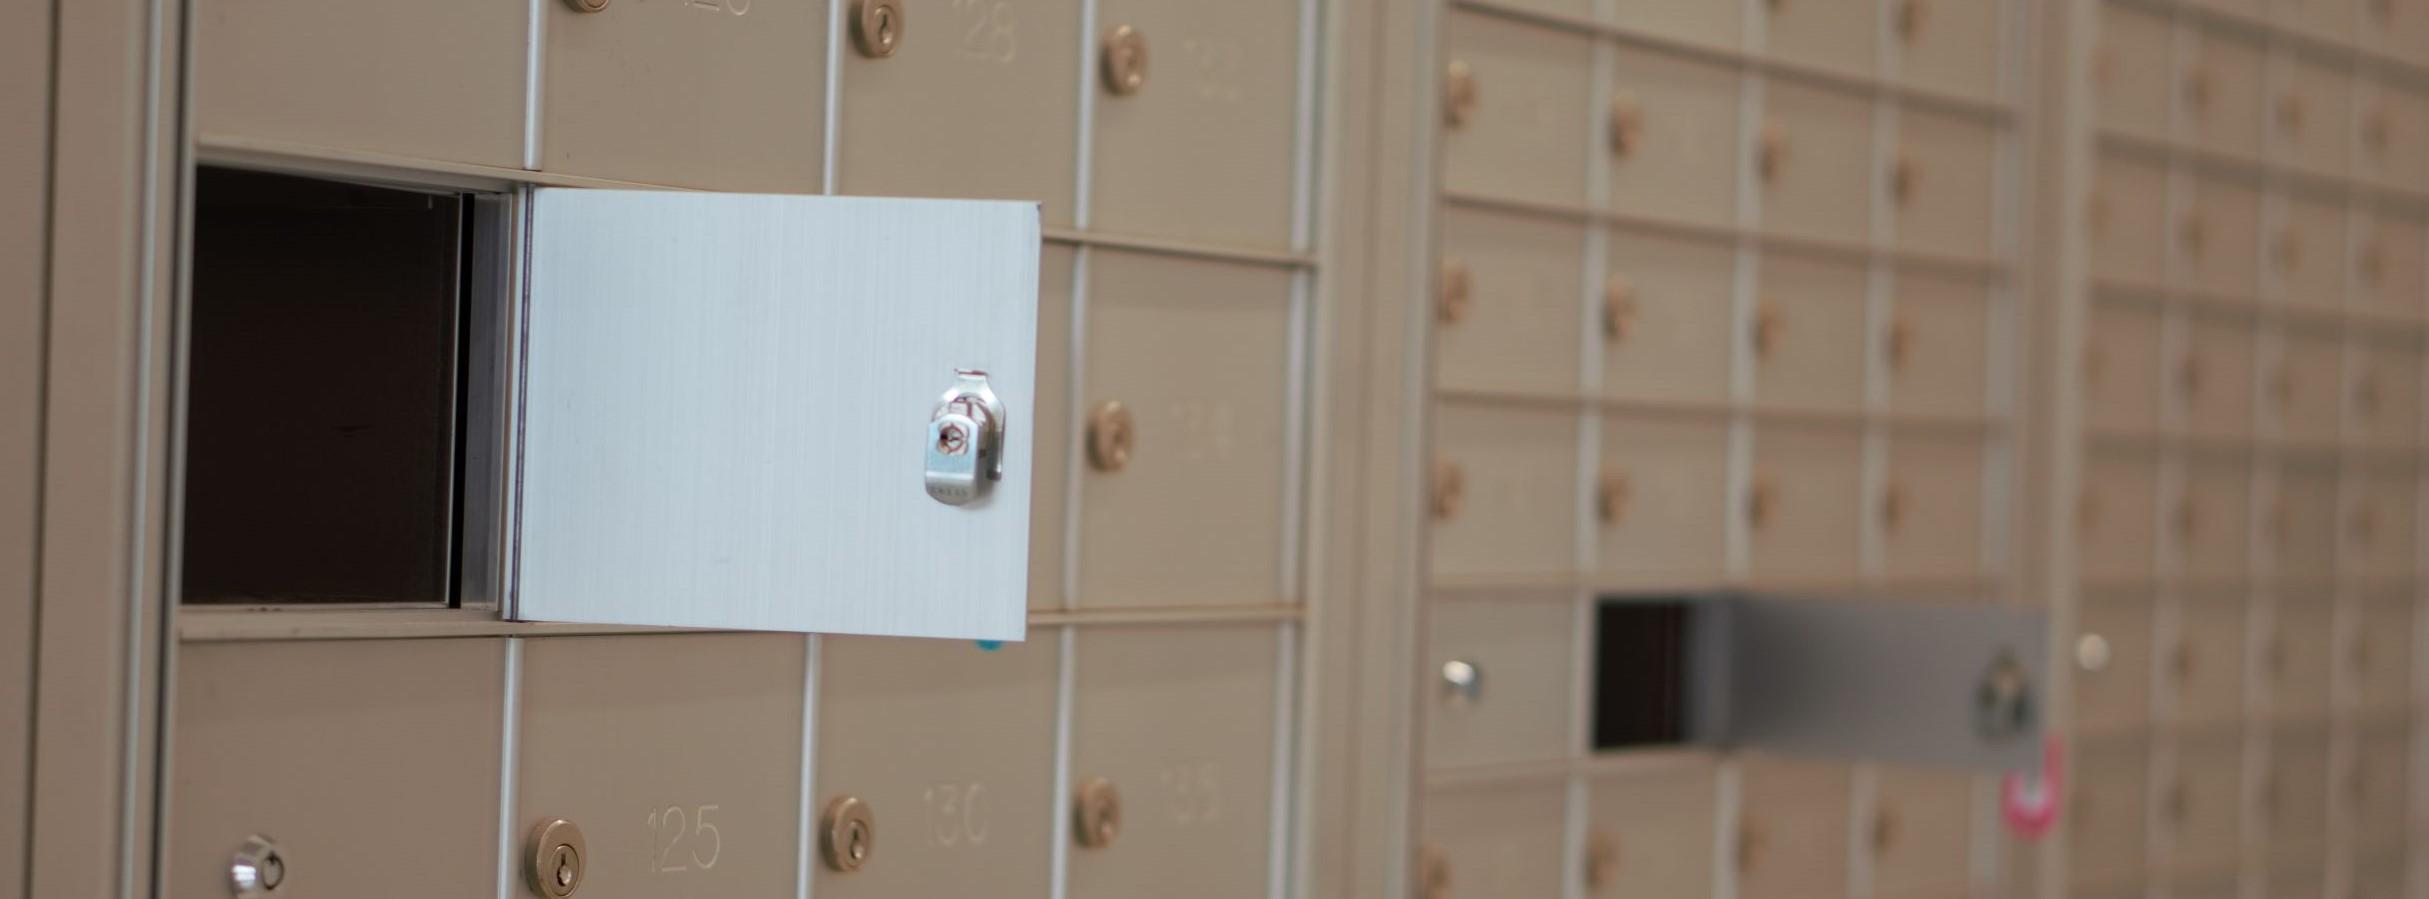 MailboxRental.co.uk